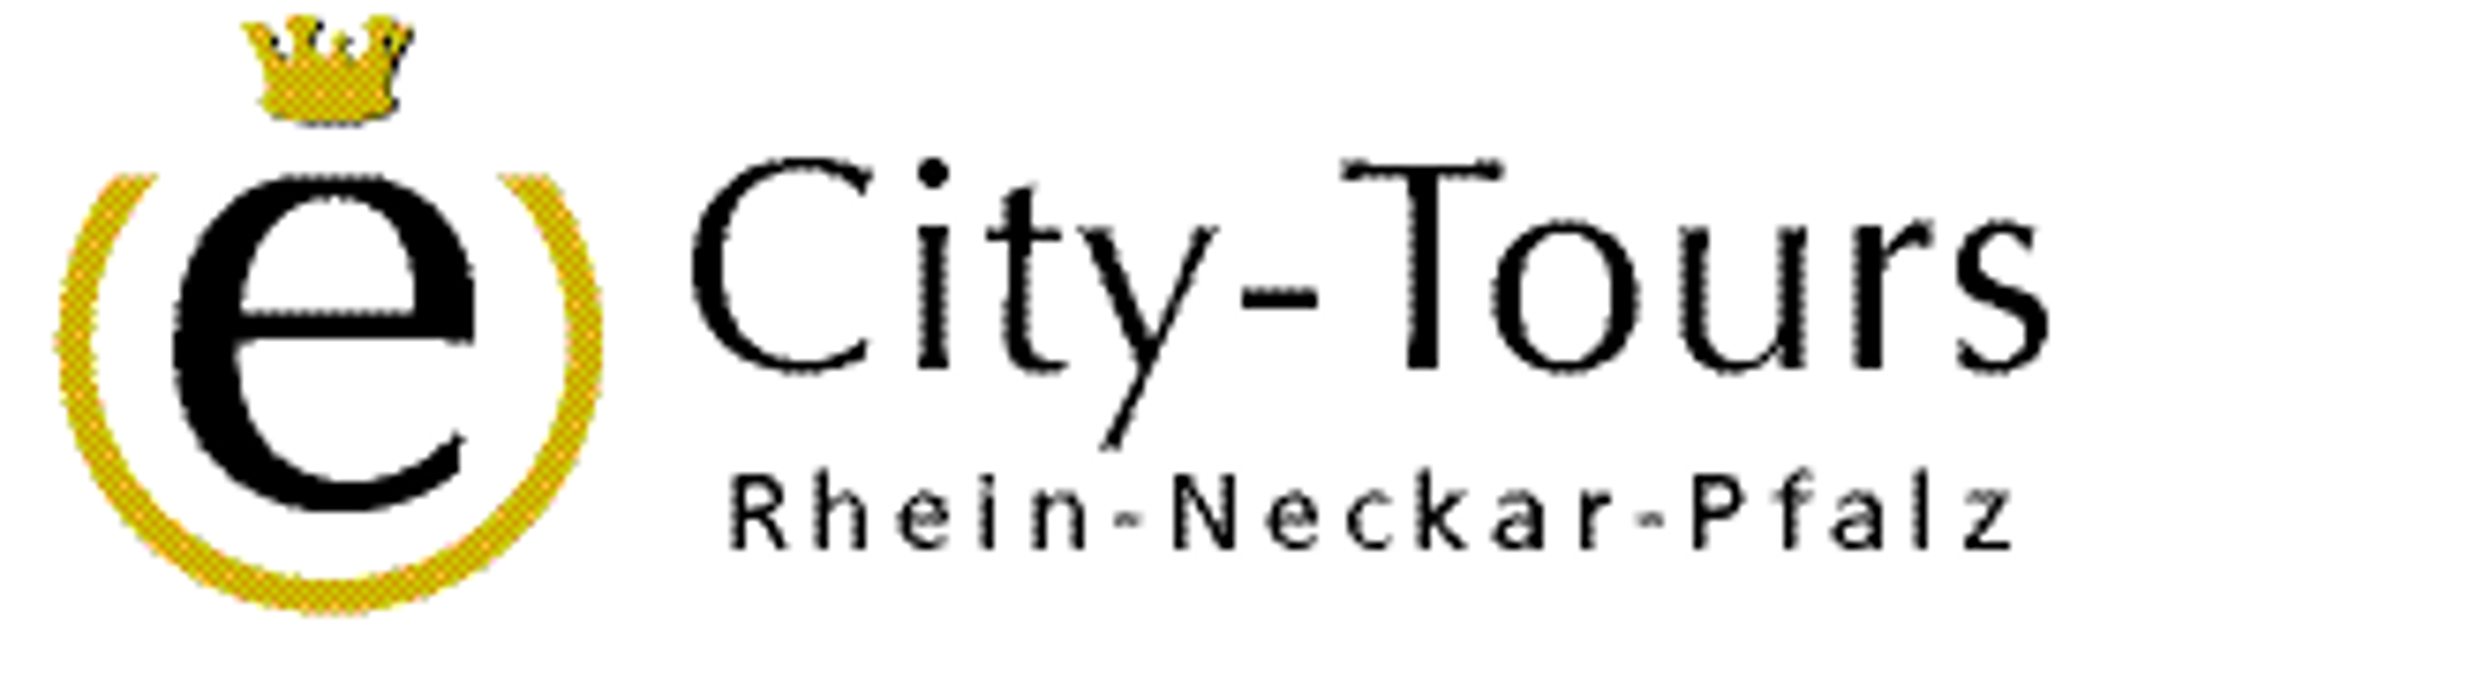 Logo von Elke König - City-tours-rhein-neckar-pfalz - Gästeführungen - Weinerlebnisführungen - Märchenerzählerin